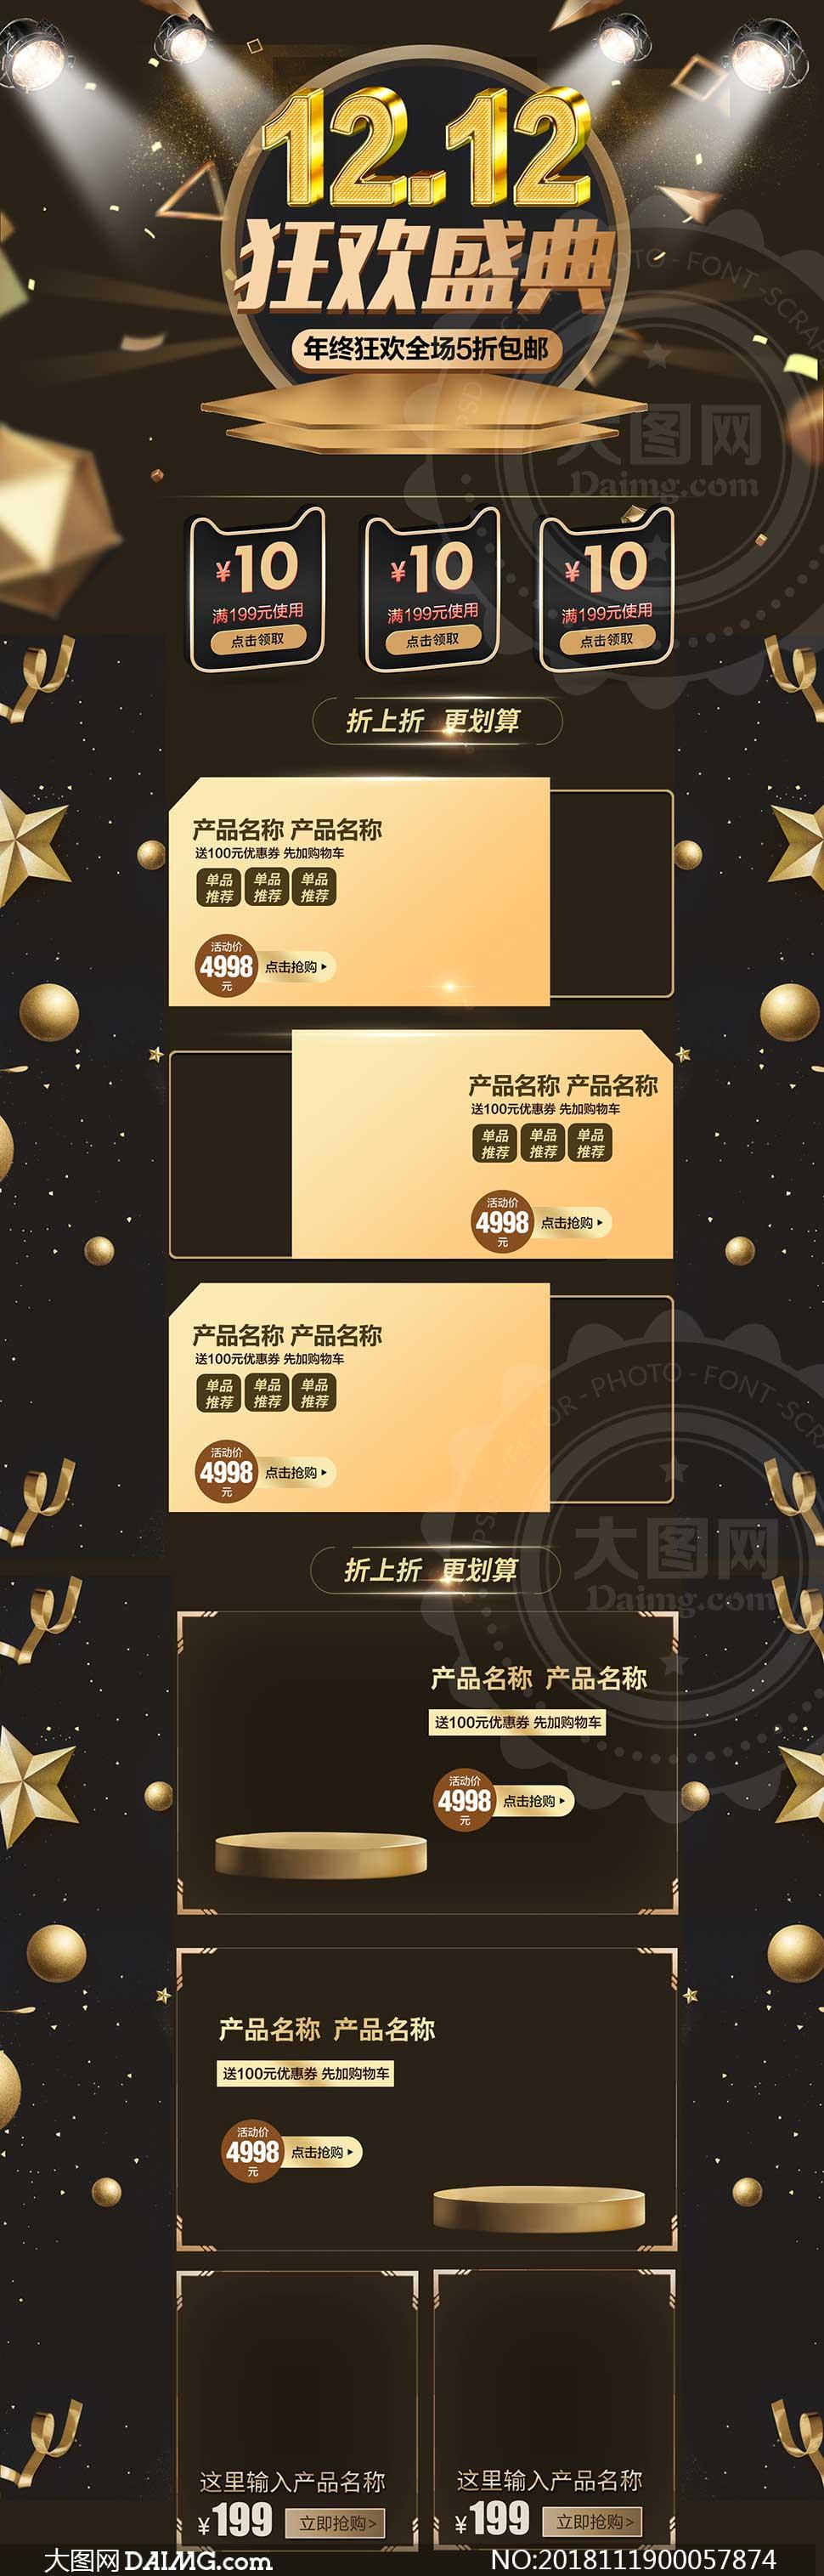 淘寶雙12狂歡盛典首頁模板PSD素材